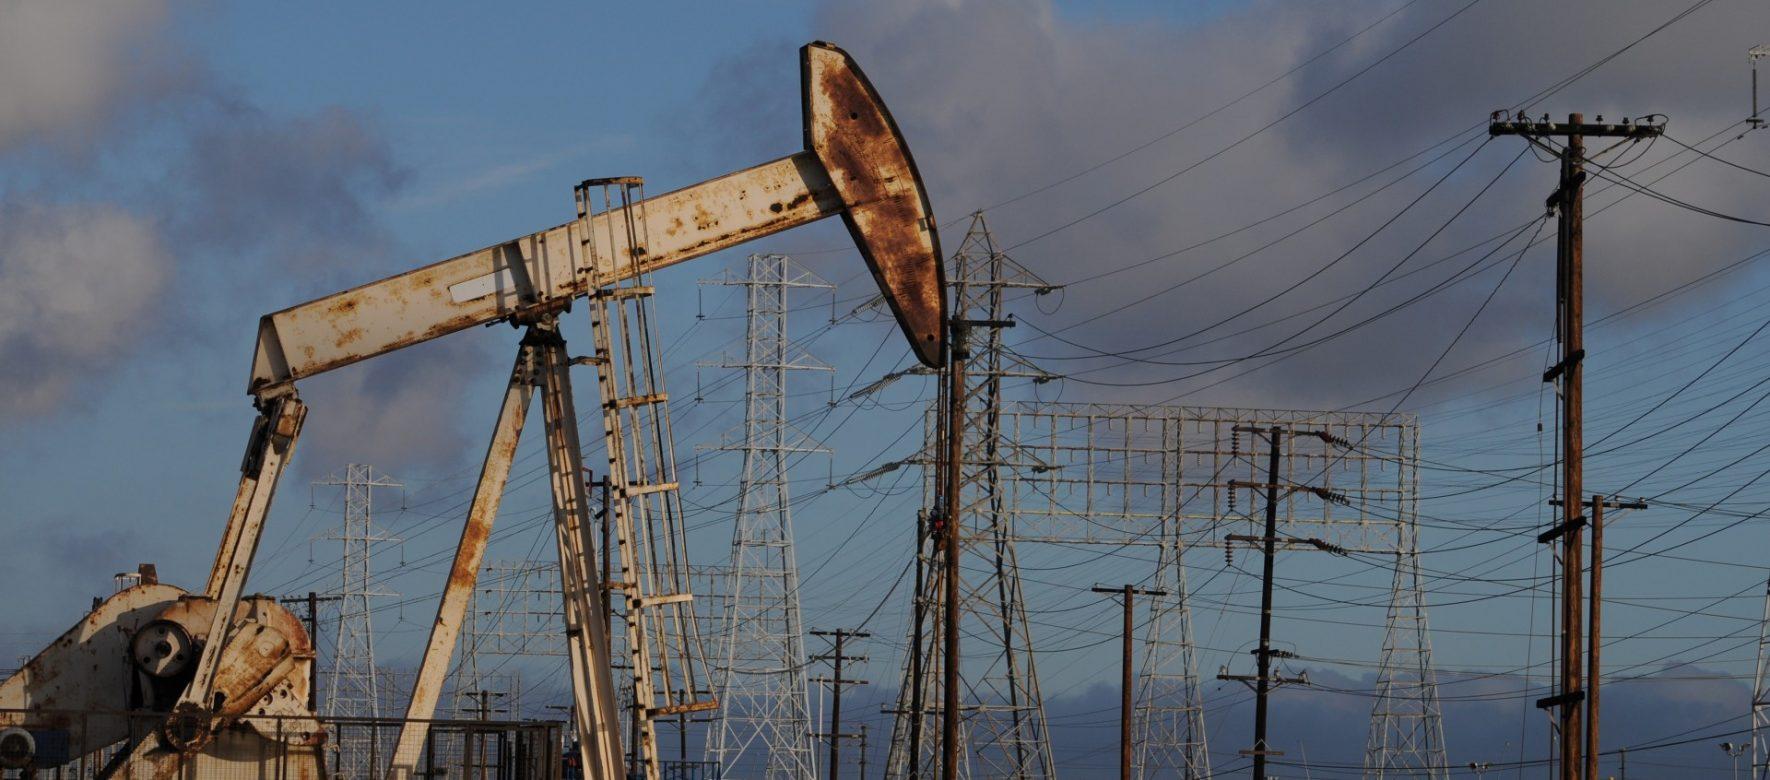 L'Egypte mise sur le pétrole pour attirer les investissements étrangers et soutenir son économie